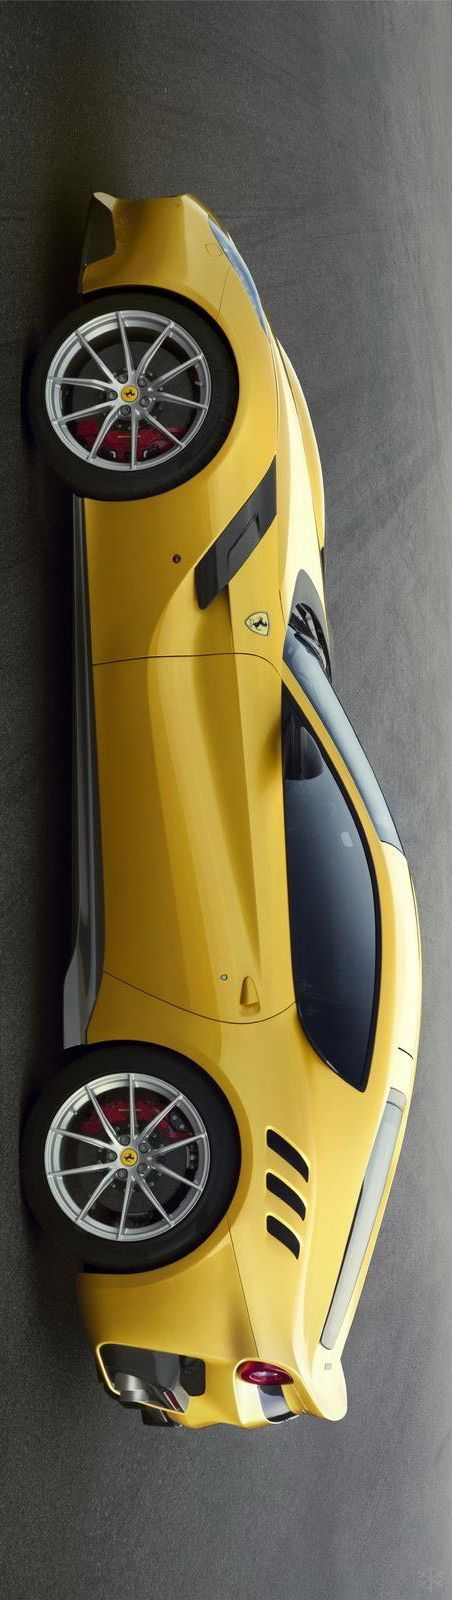 2017 Concept Cars! ''2017 Ferrari F12tdf'' 2017 Ferrari F12tdf''